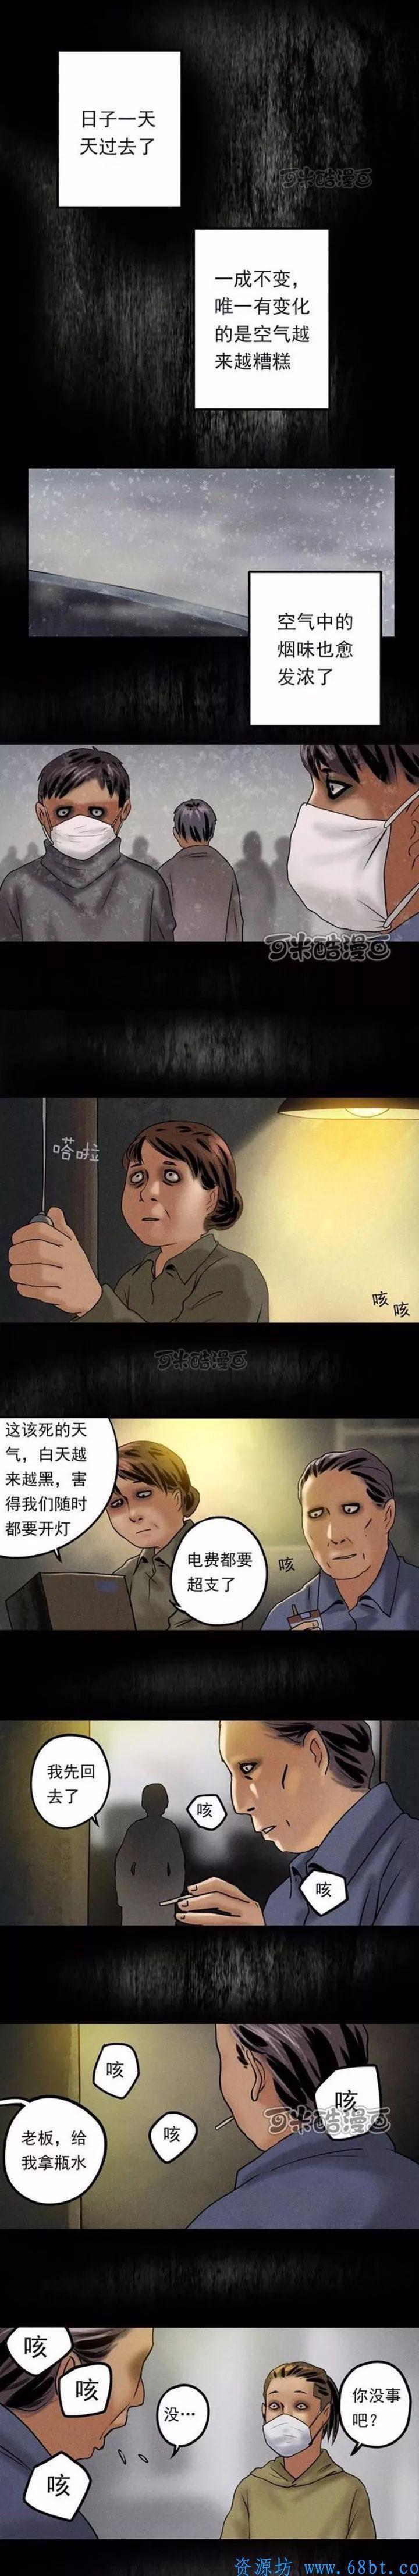 [恐怖漫画] 城,恐怖漫画,第15张